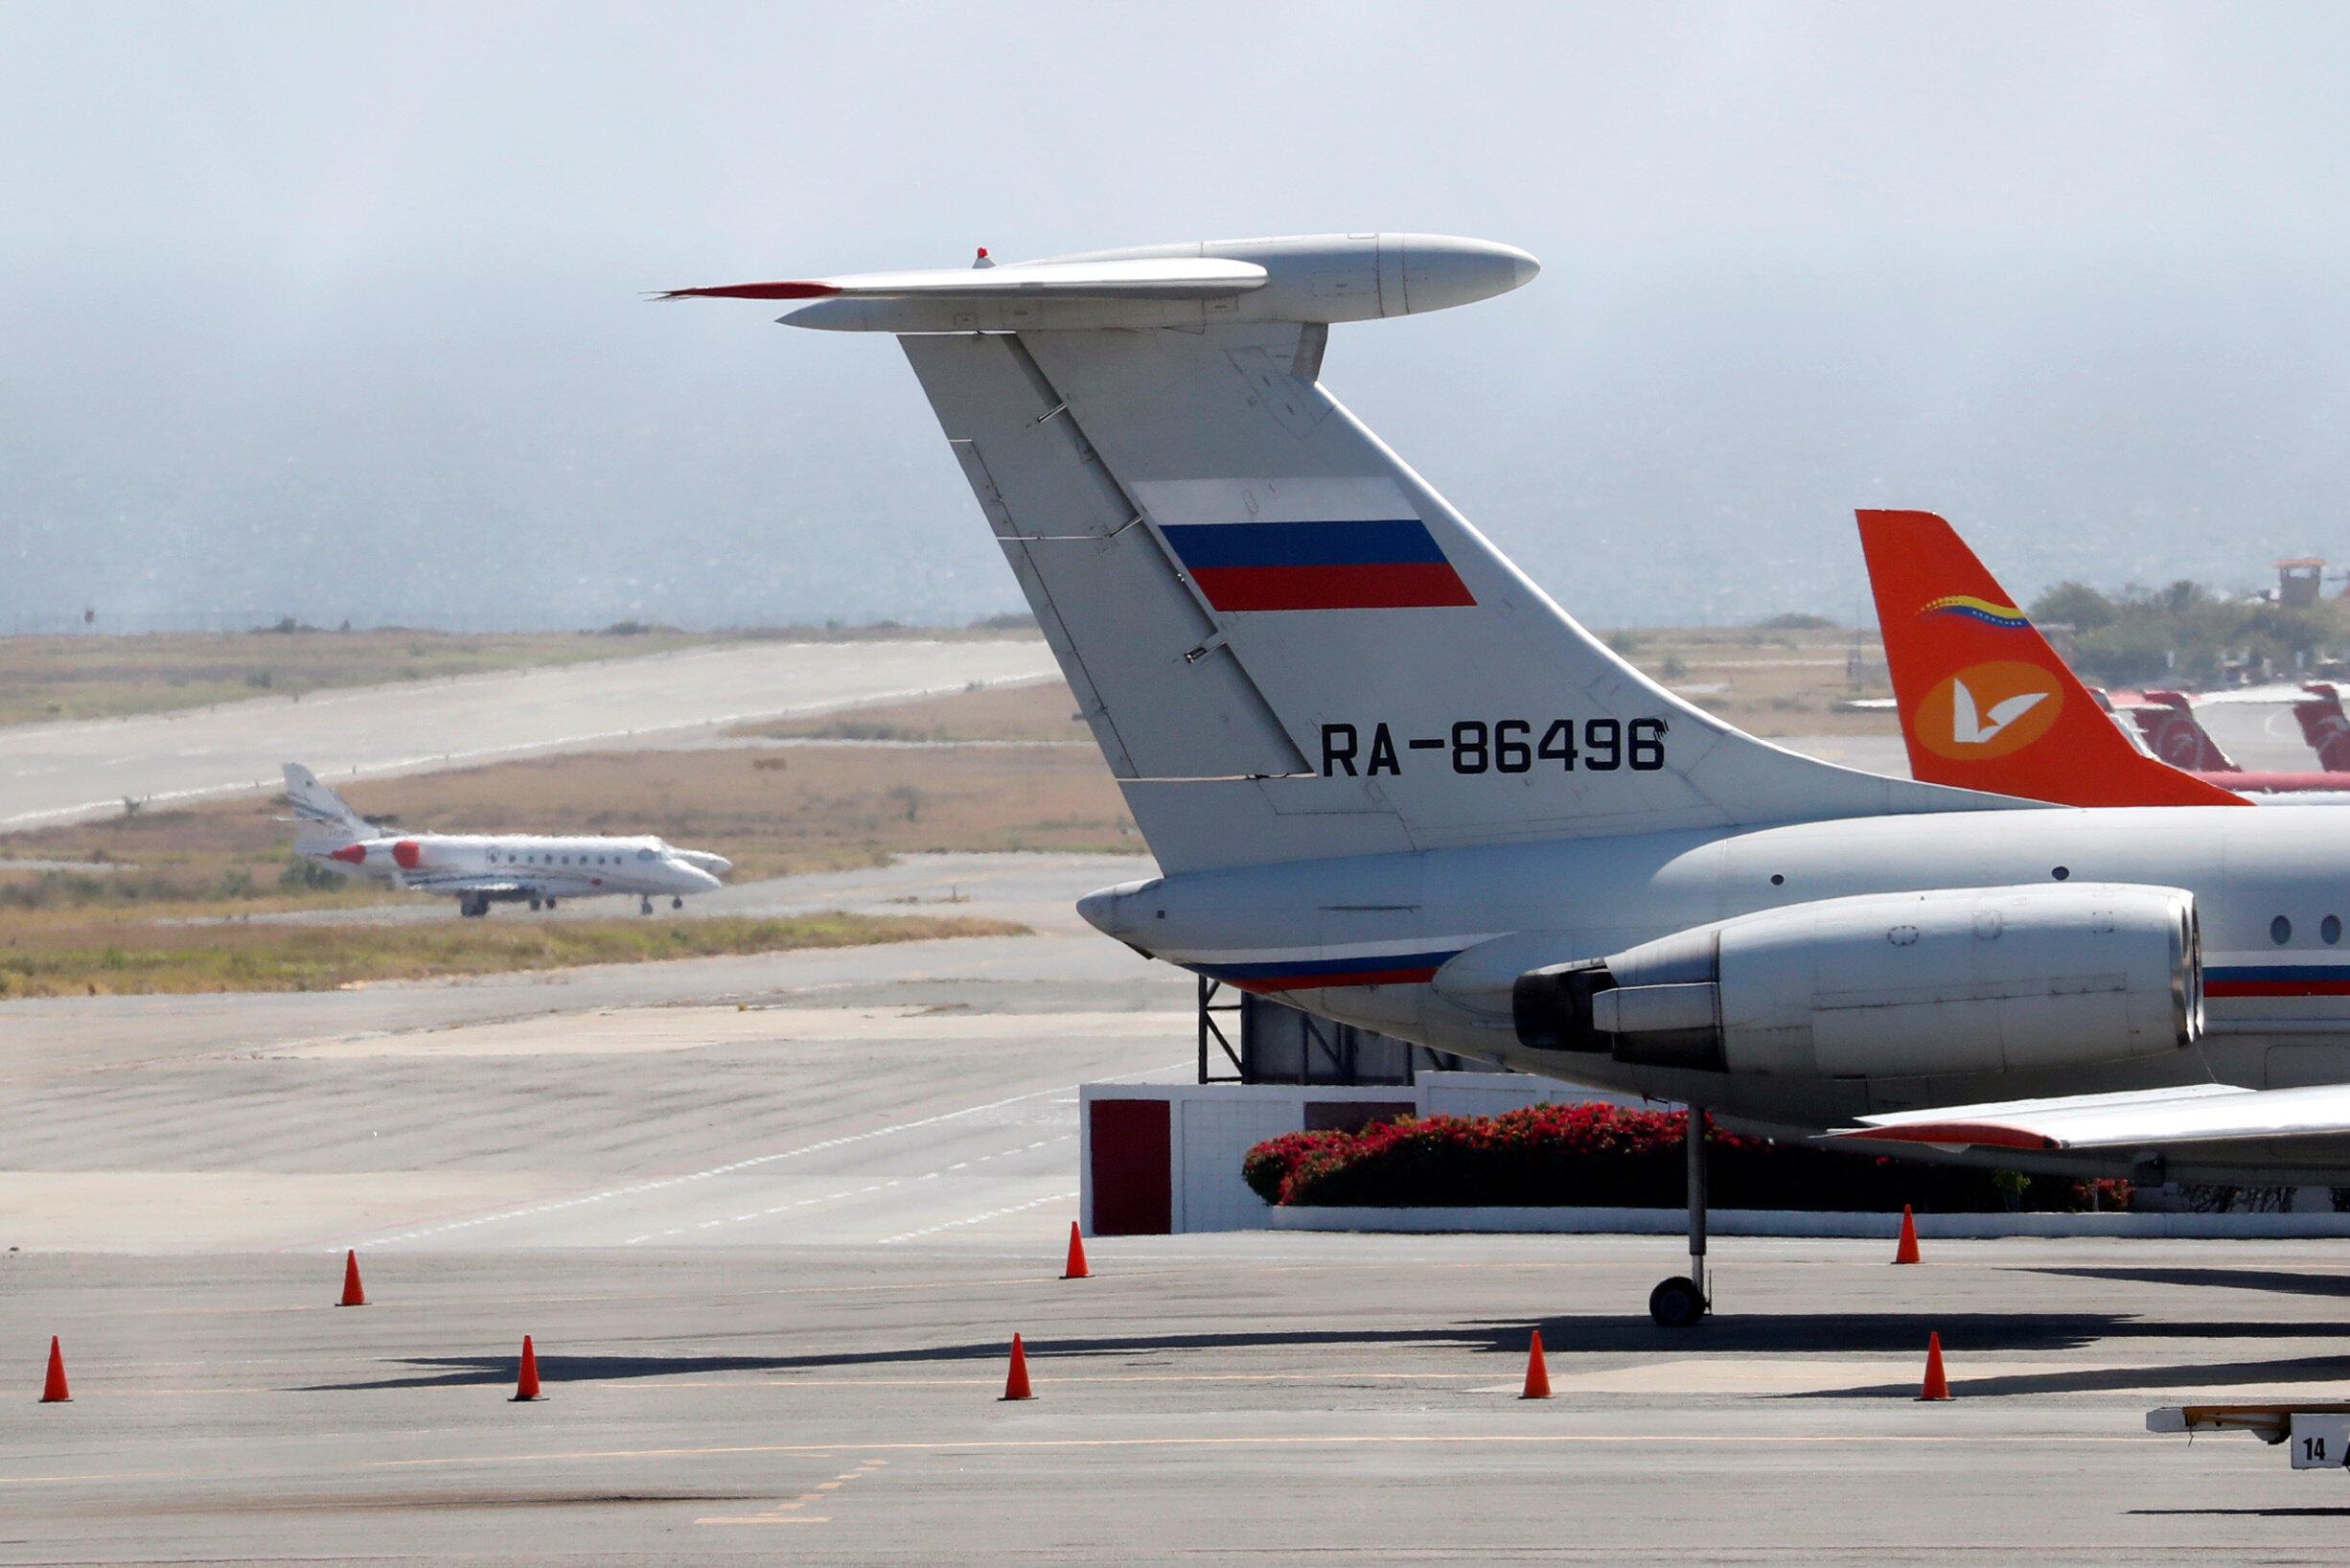 Российский военный самолет в аэропорту Каракаса. 24 марта 2019 г.